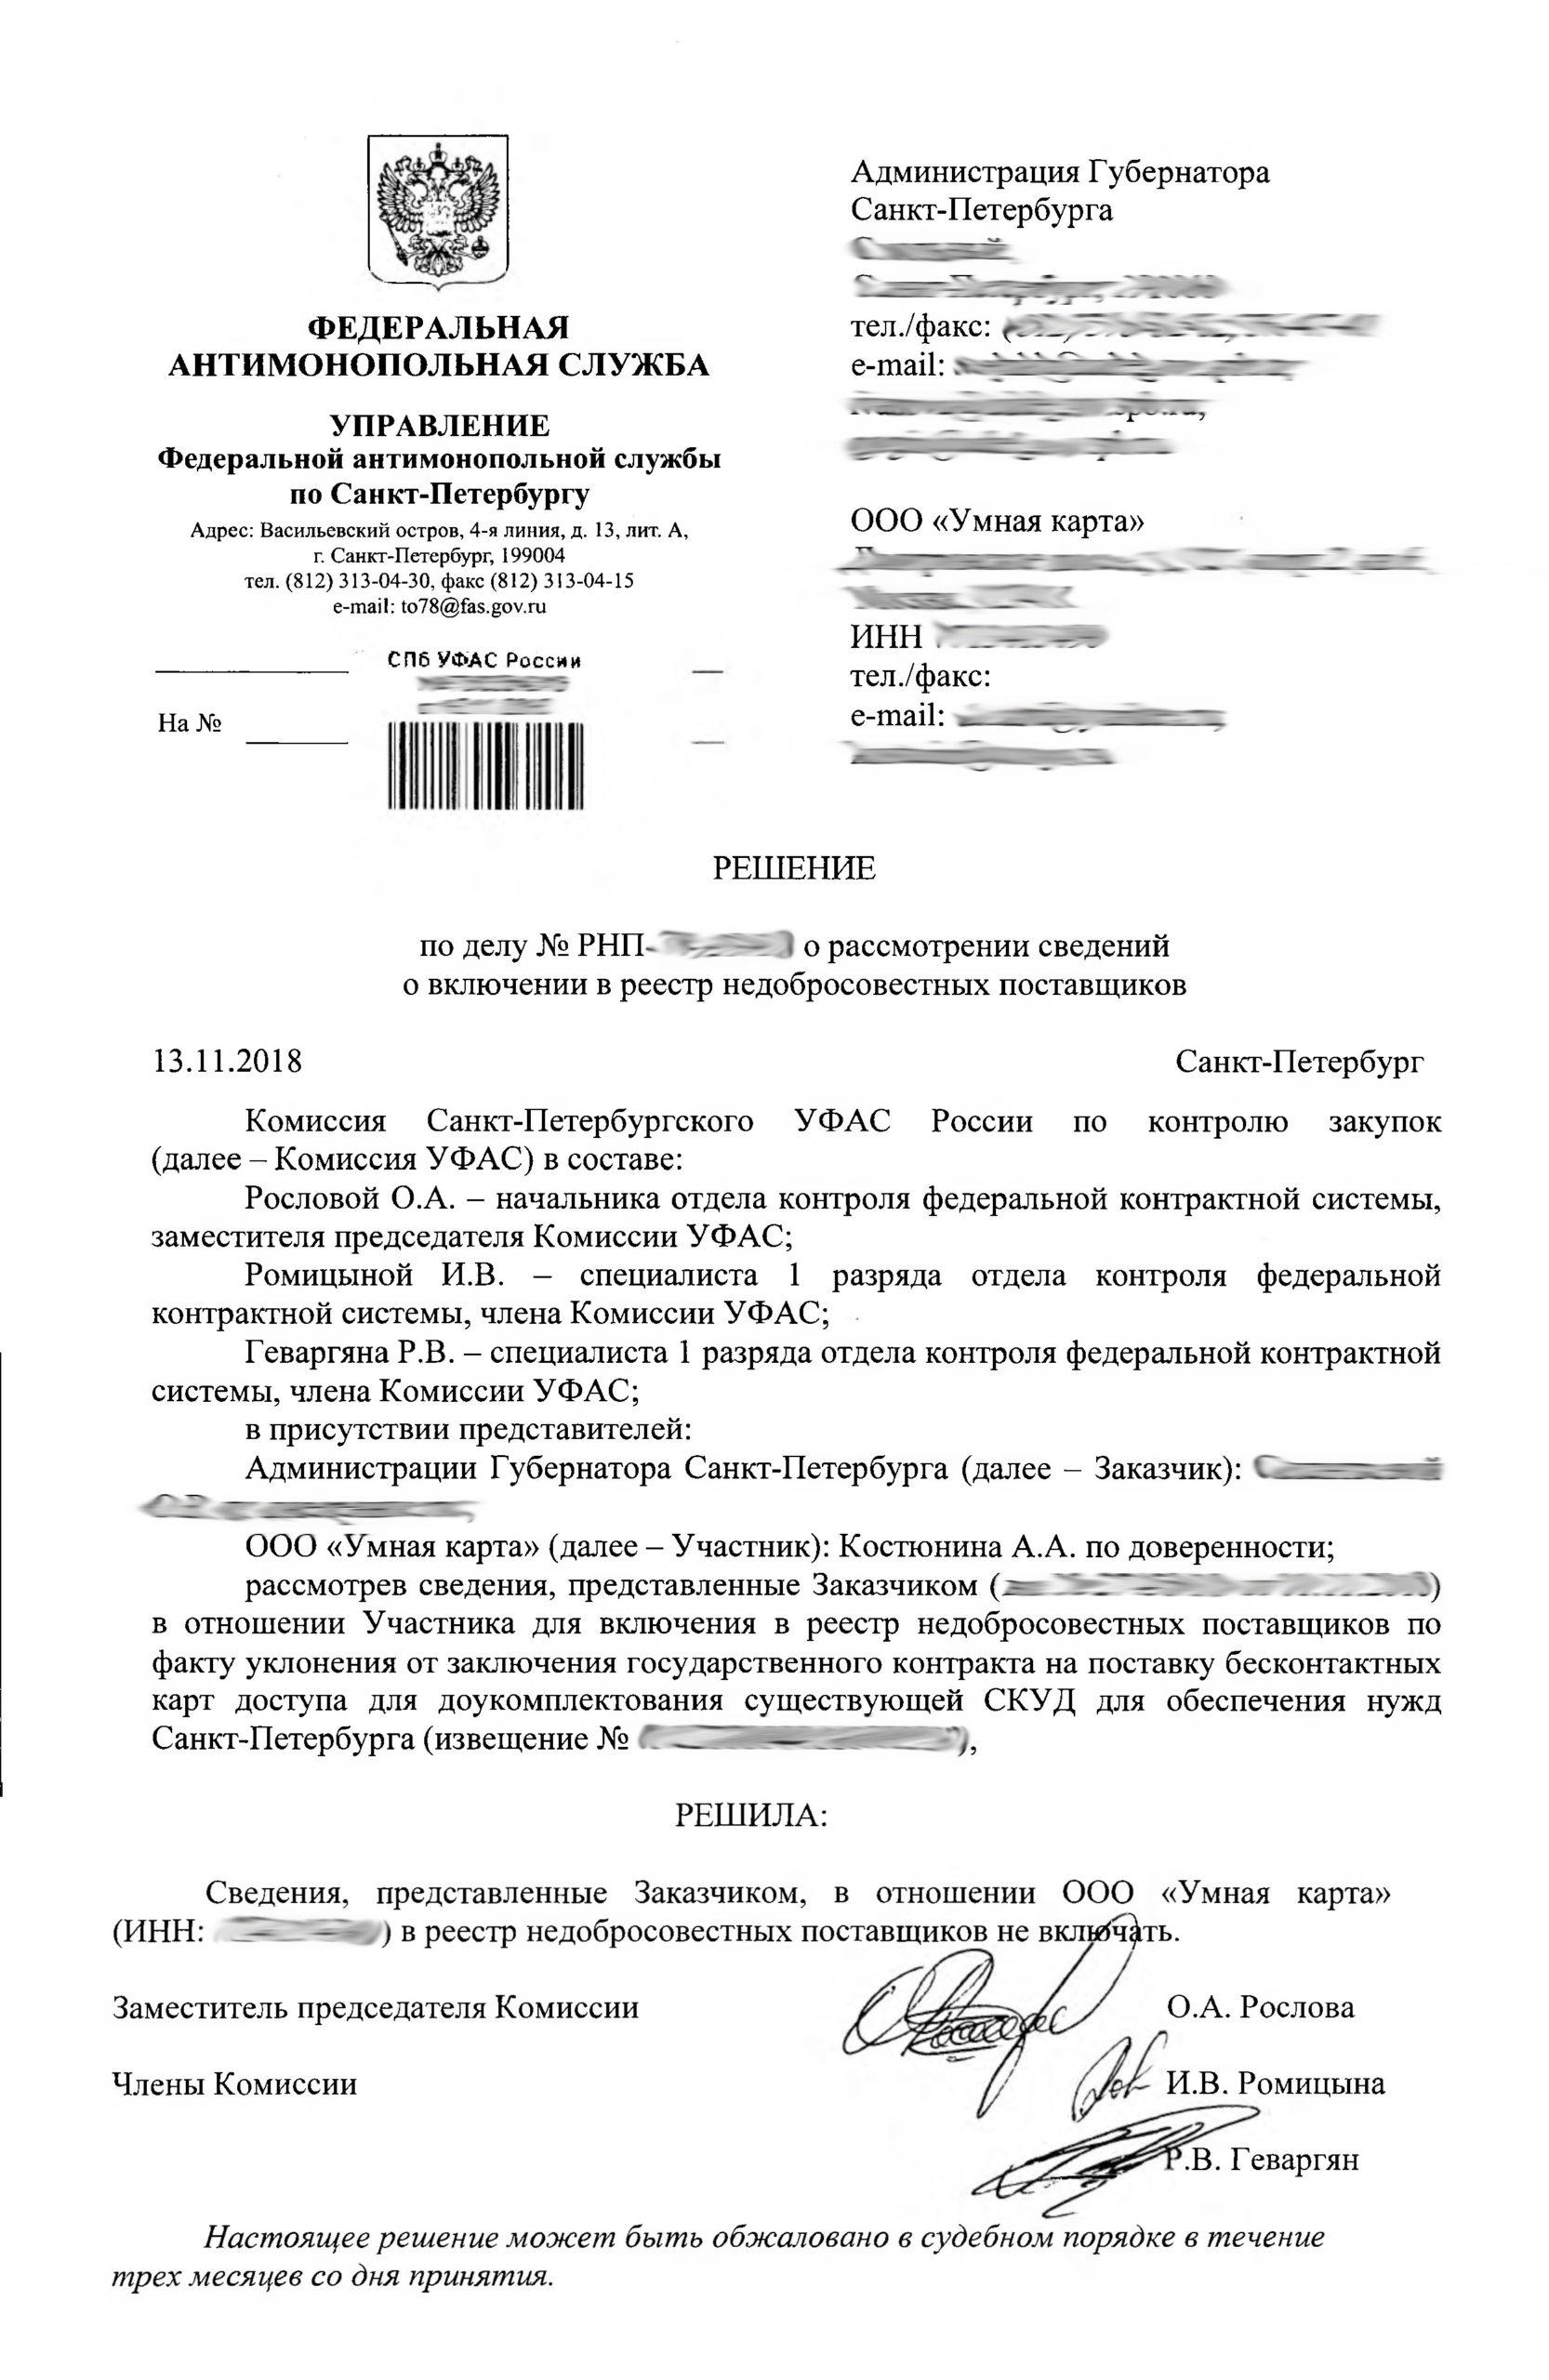 УФАС по Санкт-Петербургу Умная карта решение